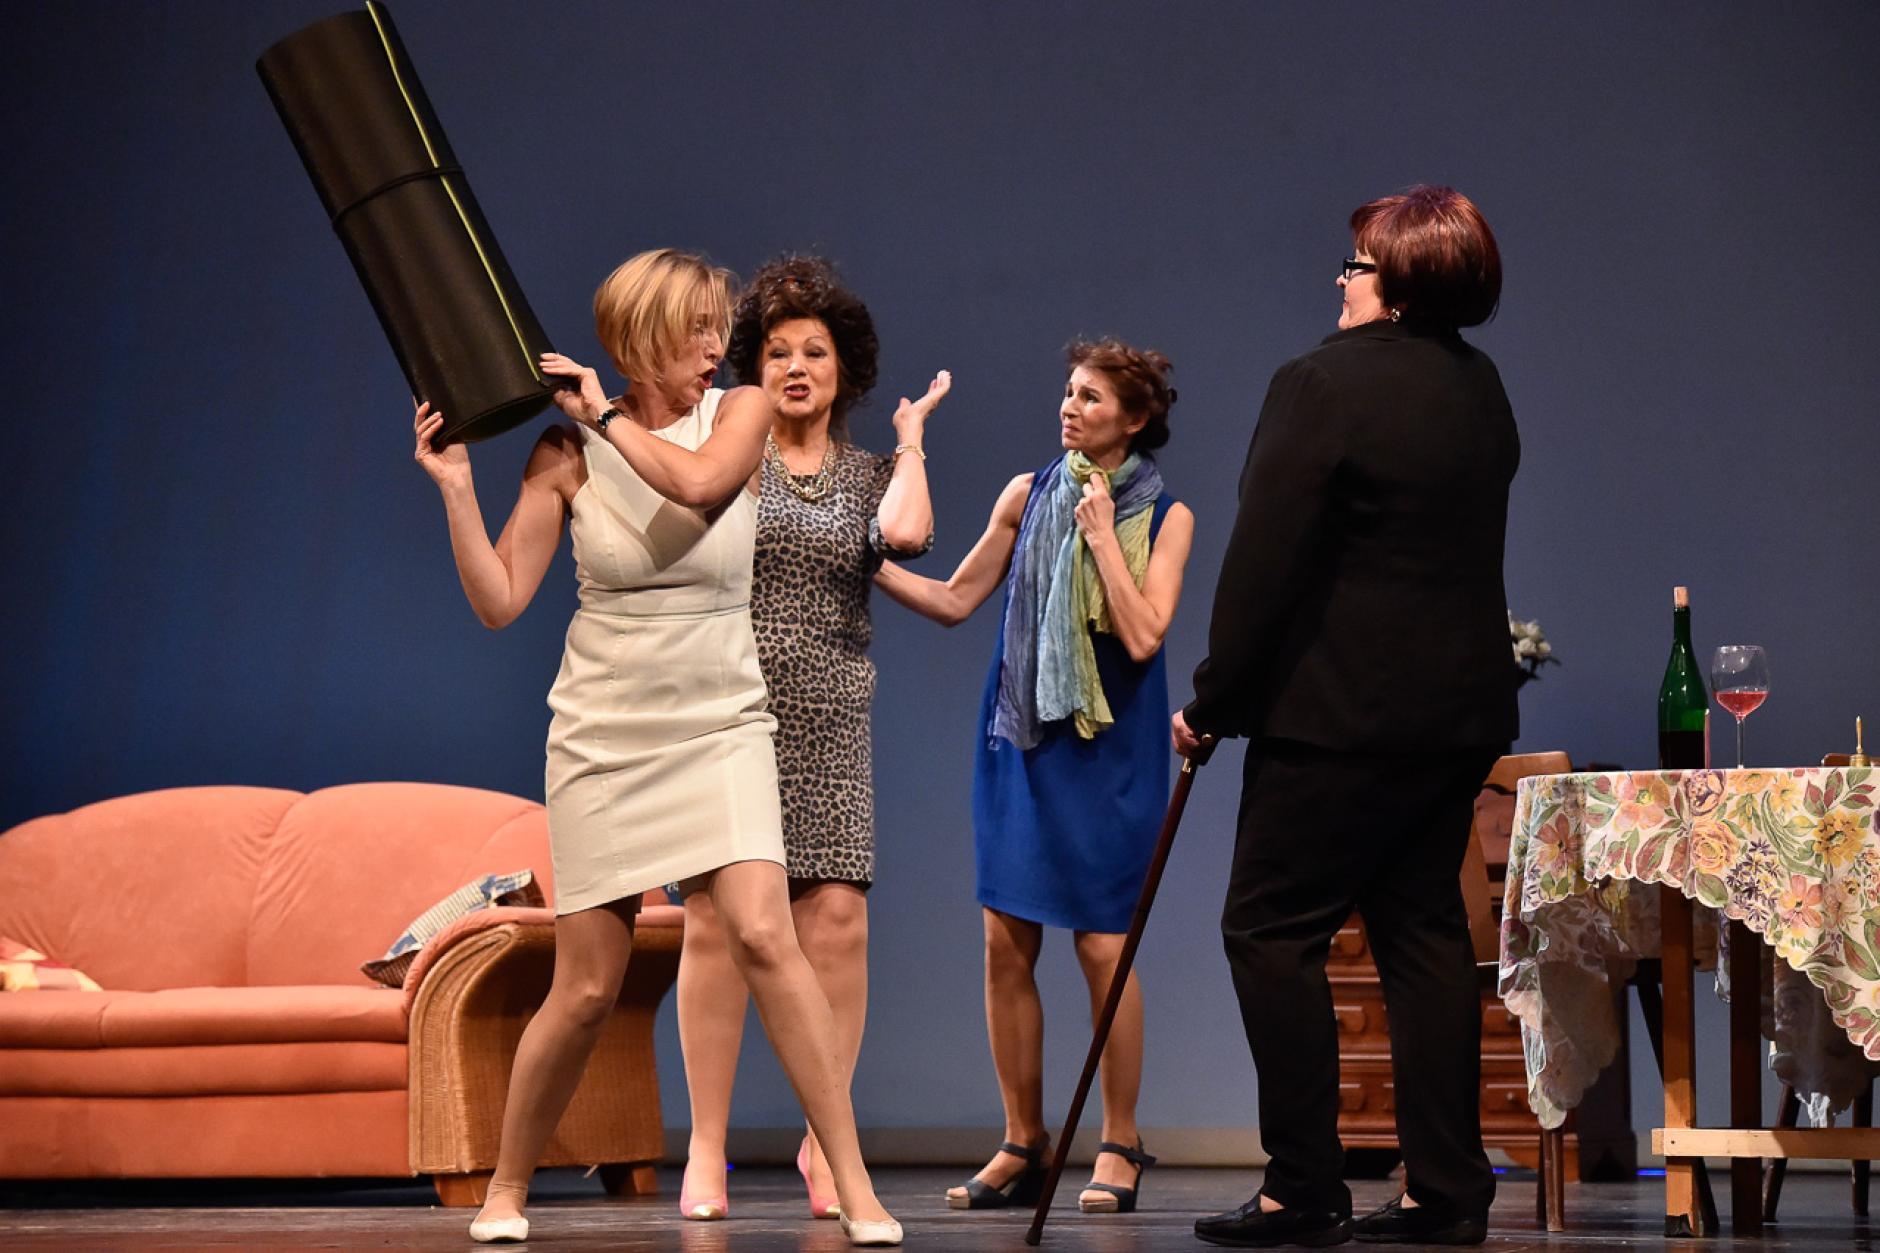 Gott der Träume - Satirische Komödie von Max von Theben